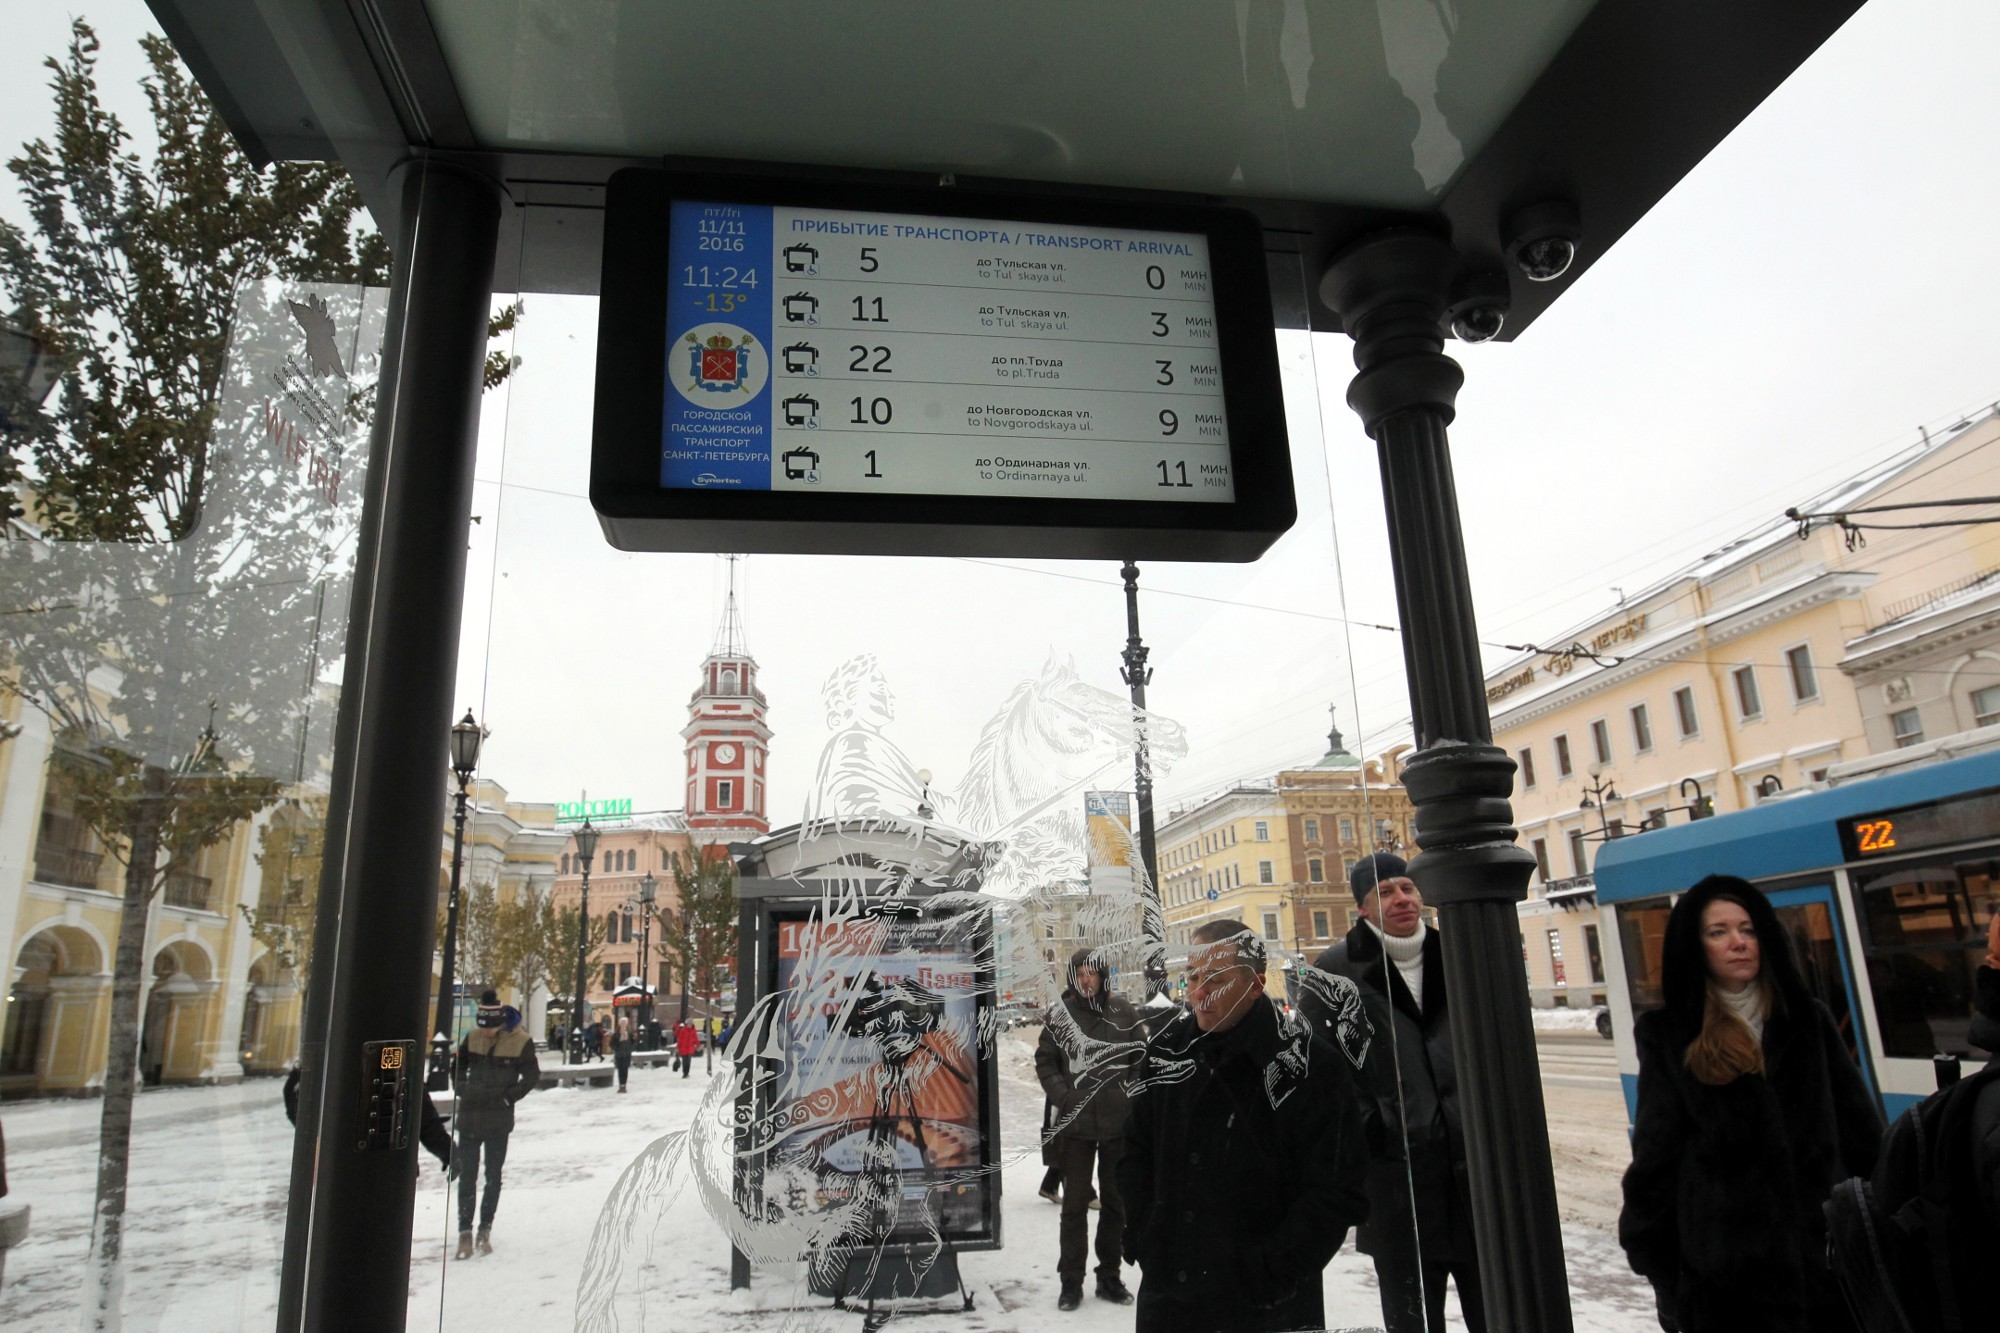 умная остановка невский проспект станция метро гостиный двор информационное табло